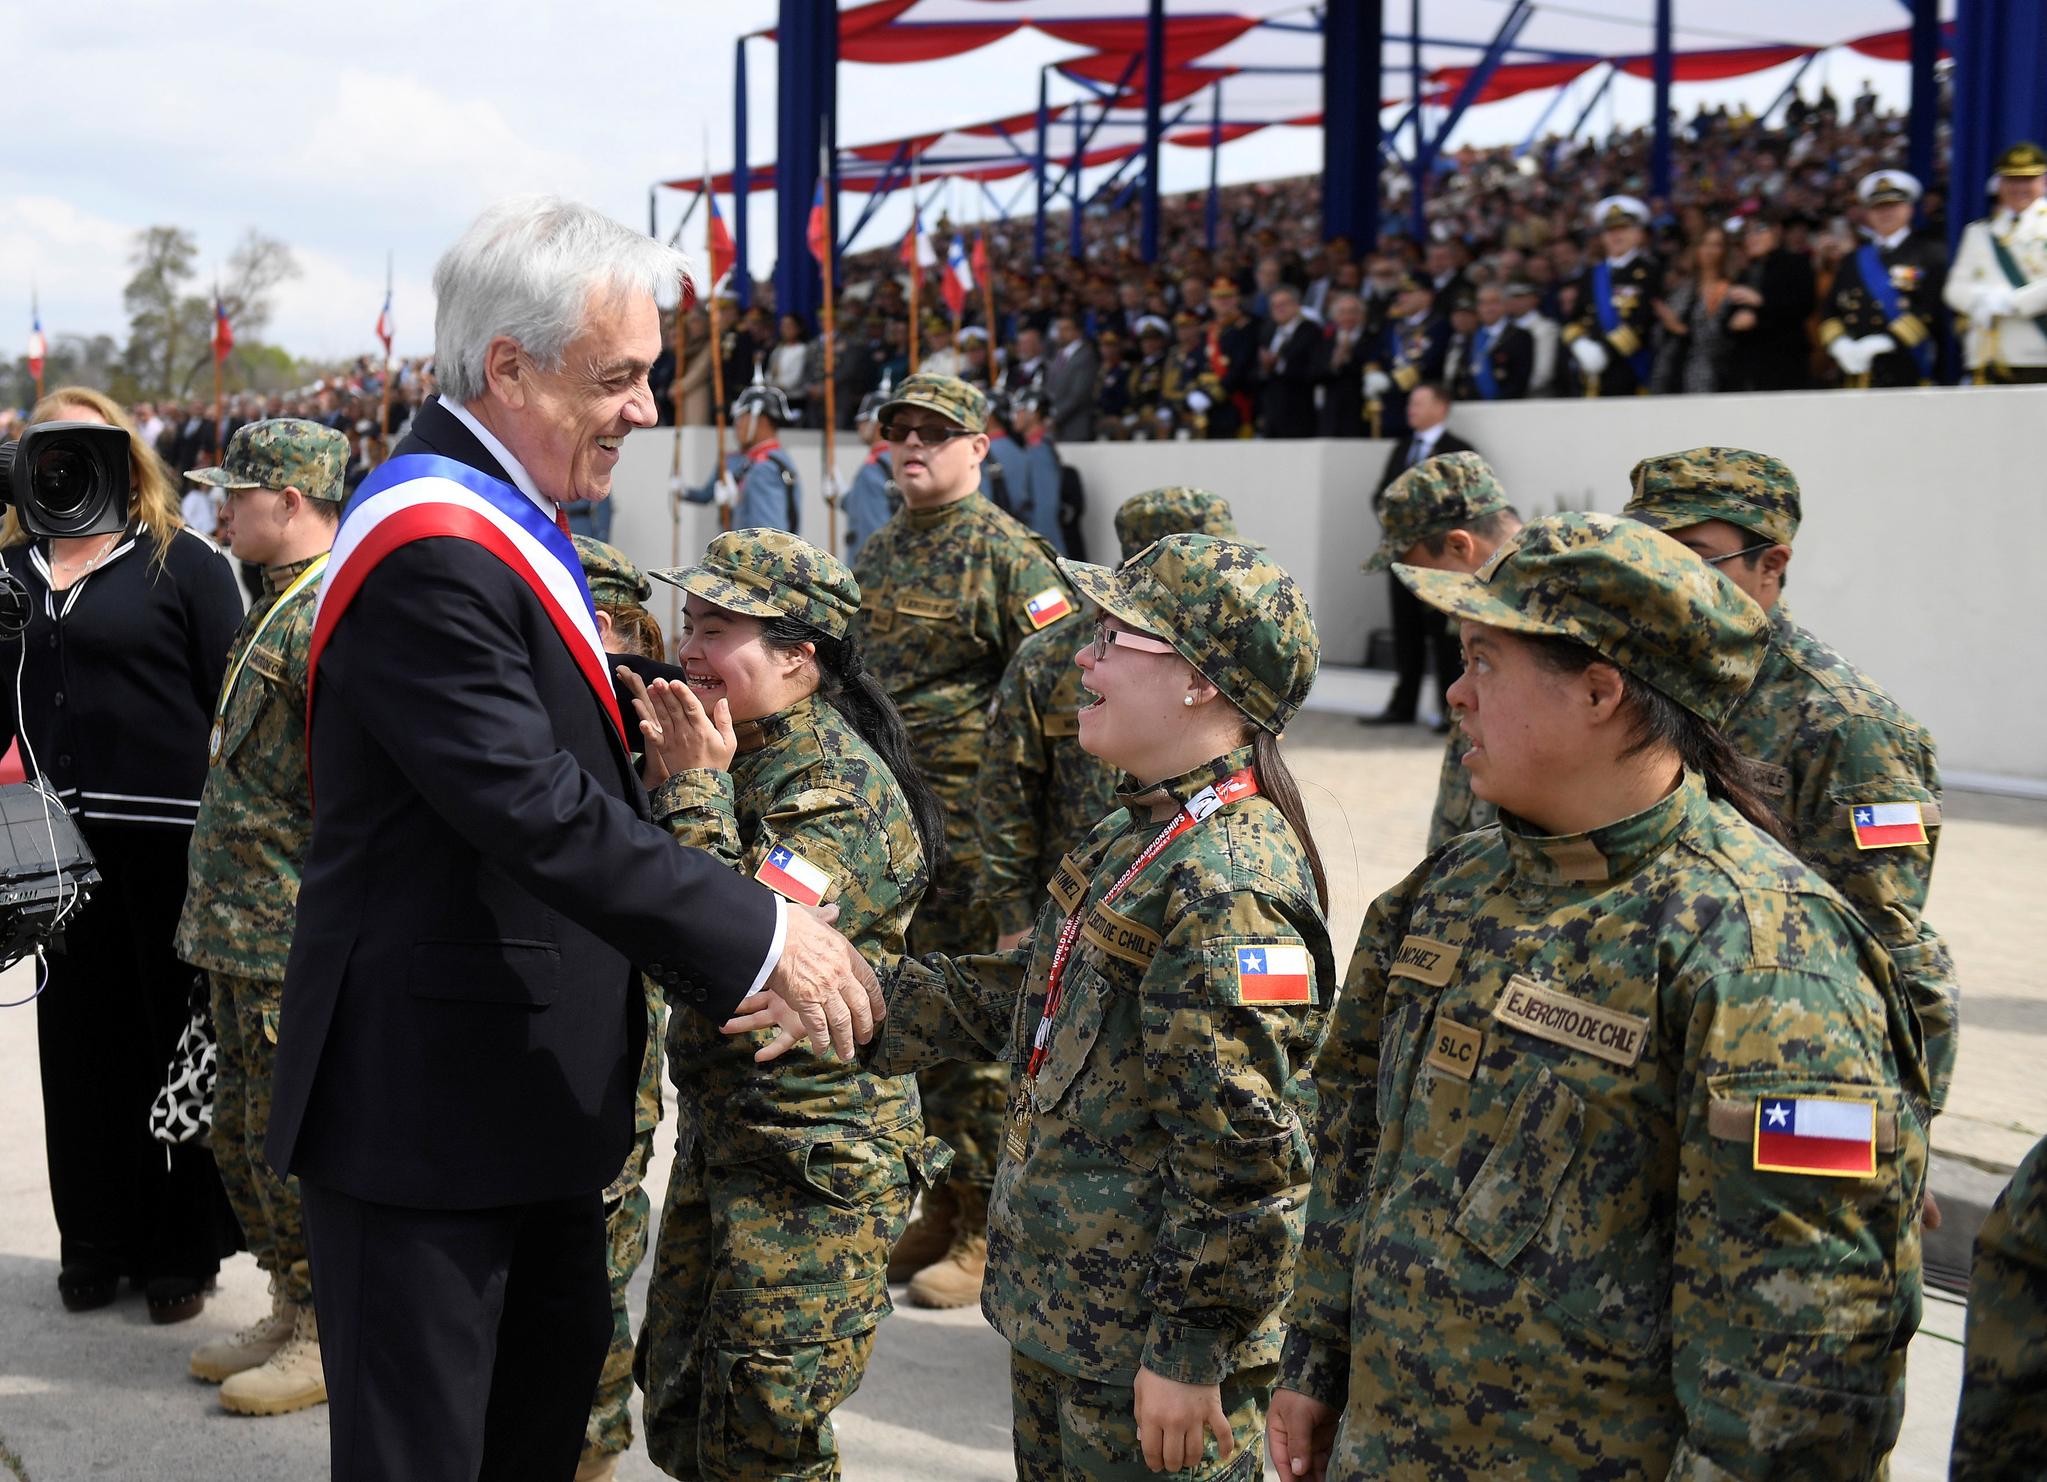 세바스티안 피녜라 칠레 대통령이 19일(현지시간) 수도 산티아고의 베르나르도 오이긴스 공원에서 열린 군사 퍼레이드에 참석해 참석자들과 인사하고 있다. [REUTERS=연합뉴스]